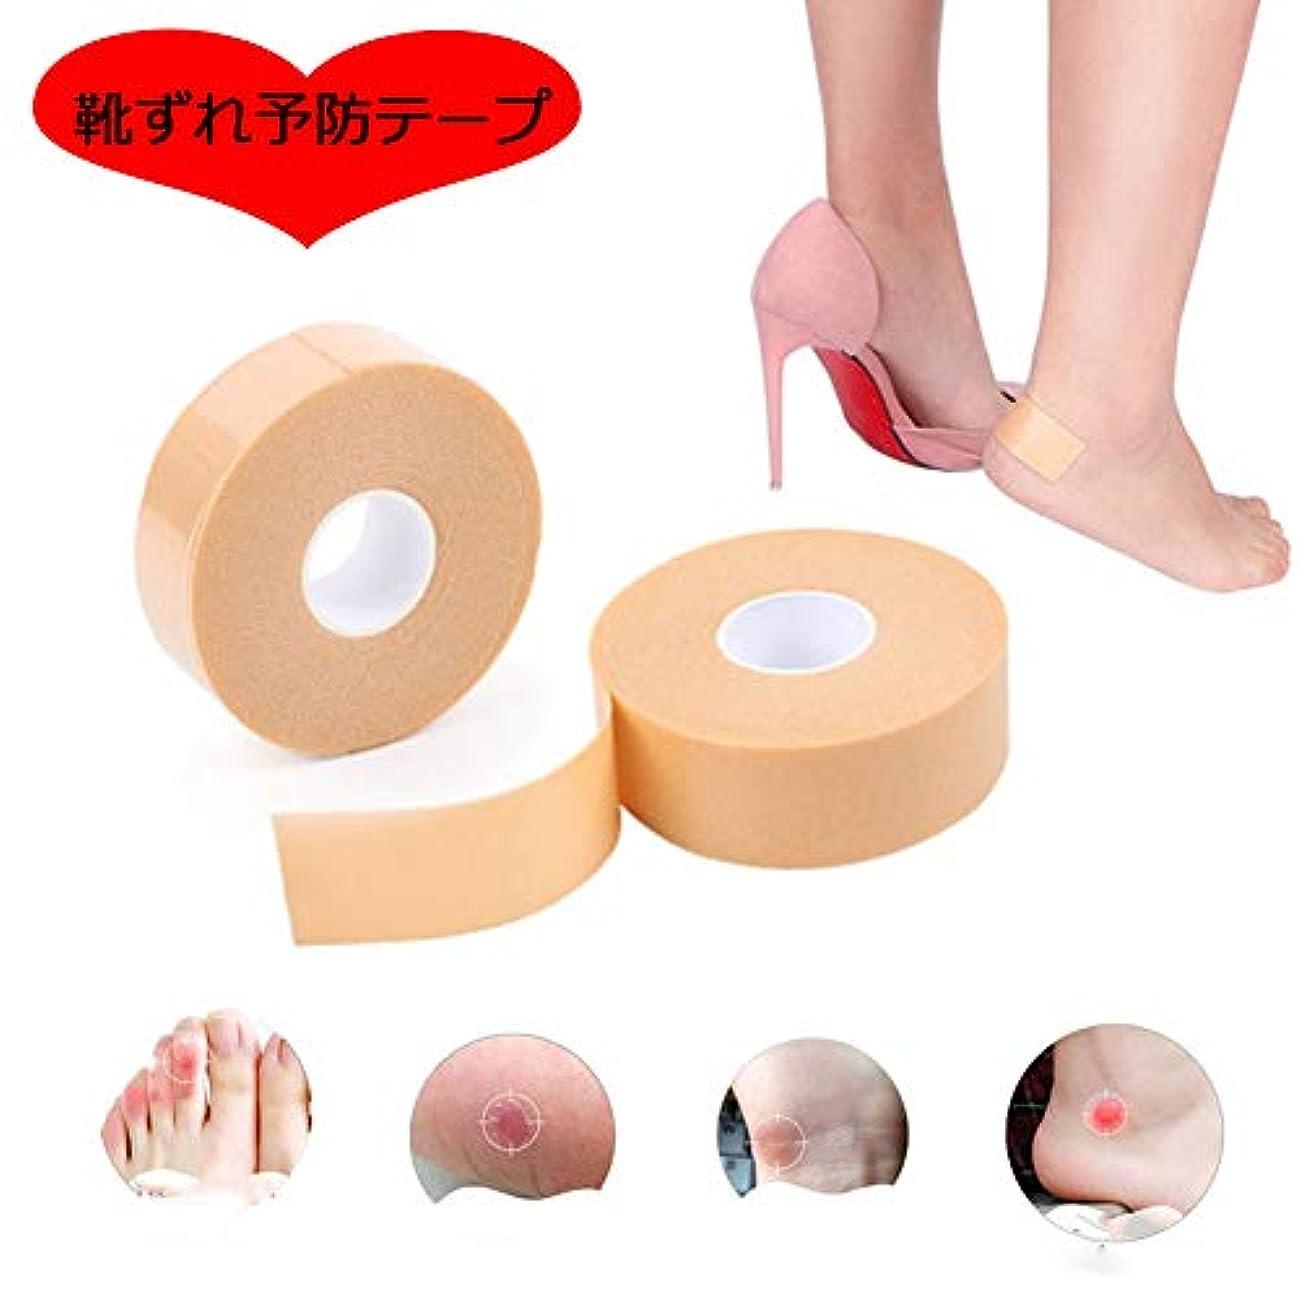 一部バーストひねり靴ずれ予防テープ EXTSUD 靴擦れ防止 かかと パッド ヒールステッカーテープ 2.5cm*5m グ ラインドフットステッカー 切断可能 防水 かかと保護テープ 肌色 粘着 足痛み軽減 伸縮性抜群 男 女兼用